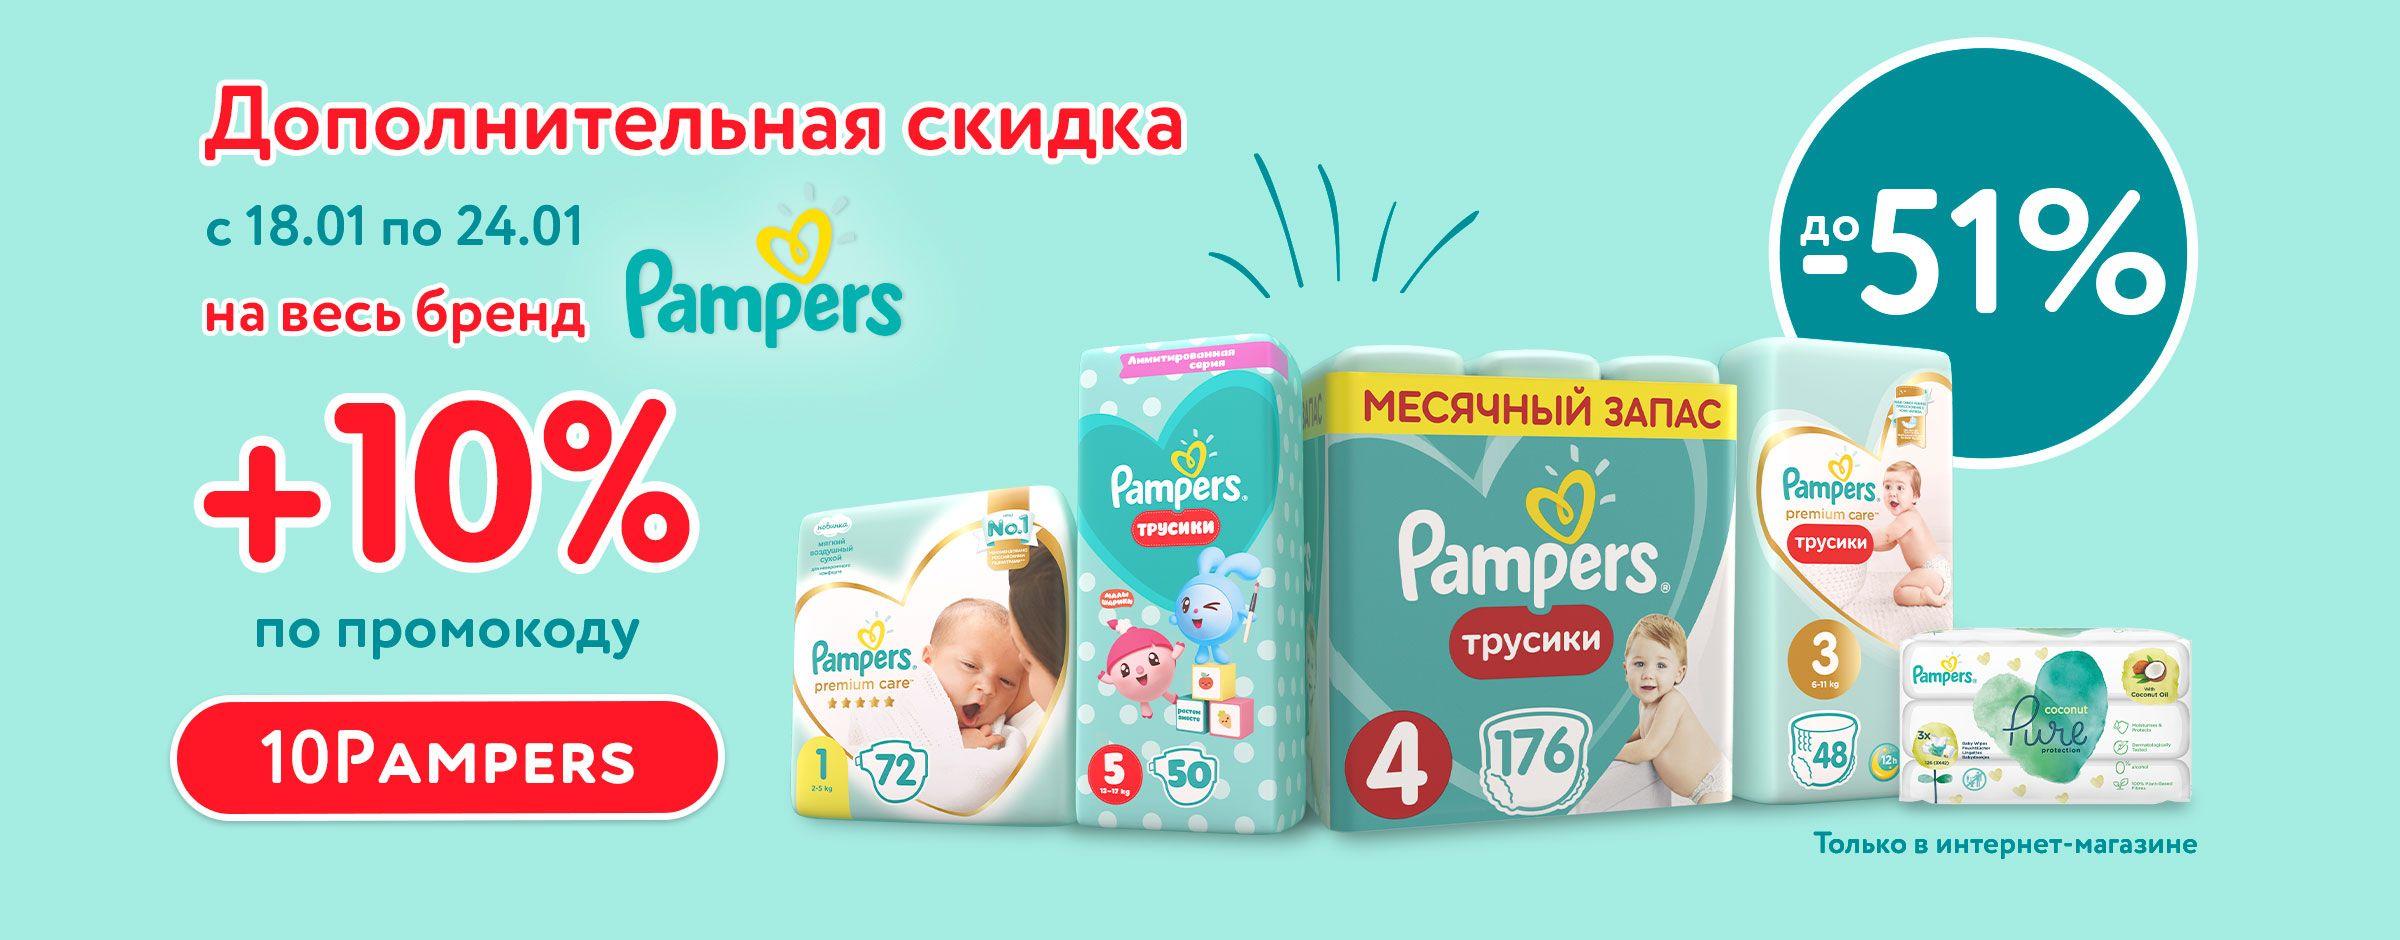 10% на Pampers по промокоду 10Pampers Категории 1